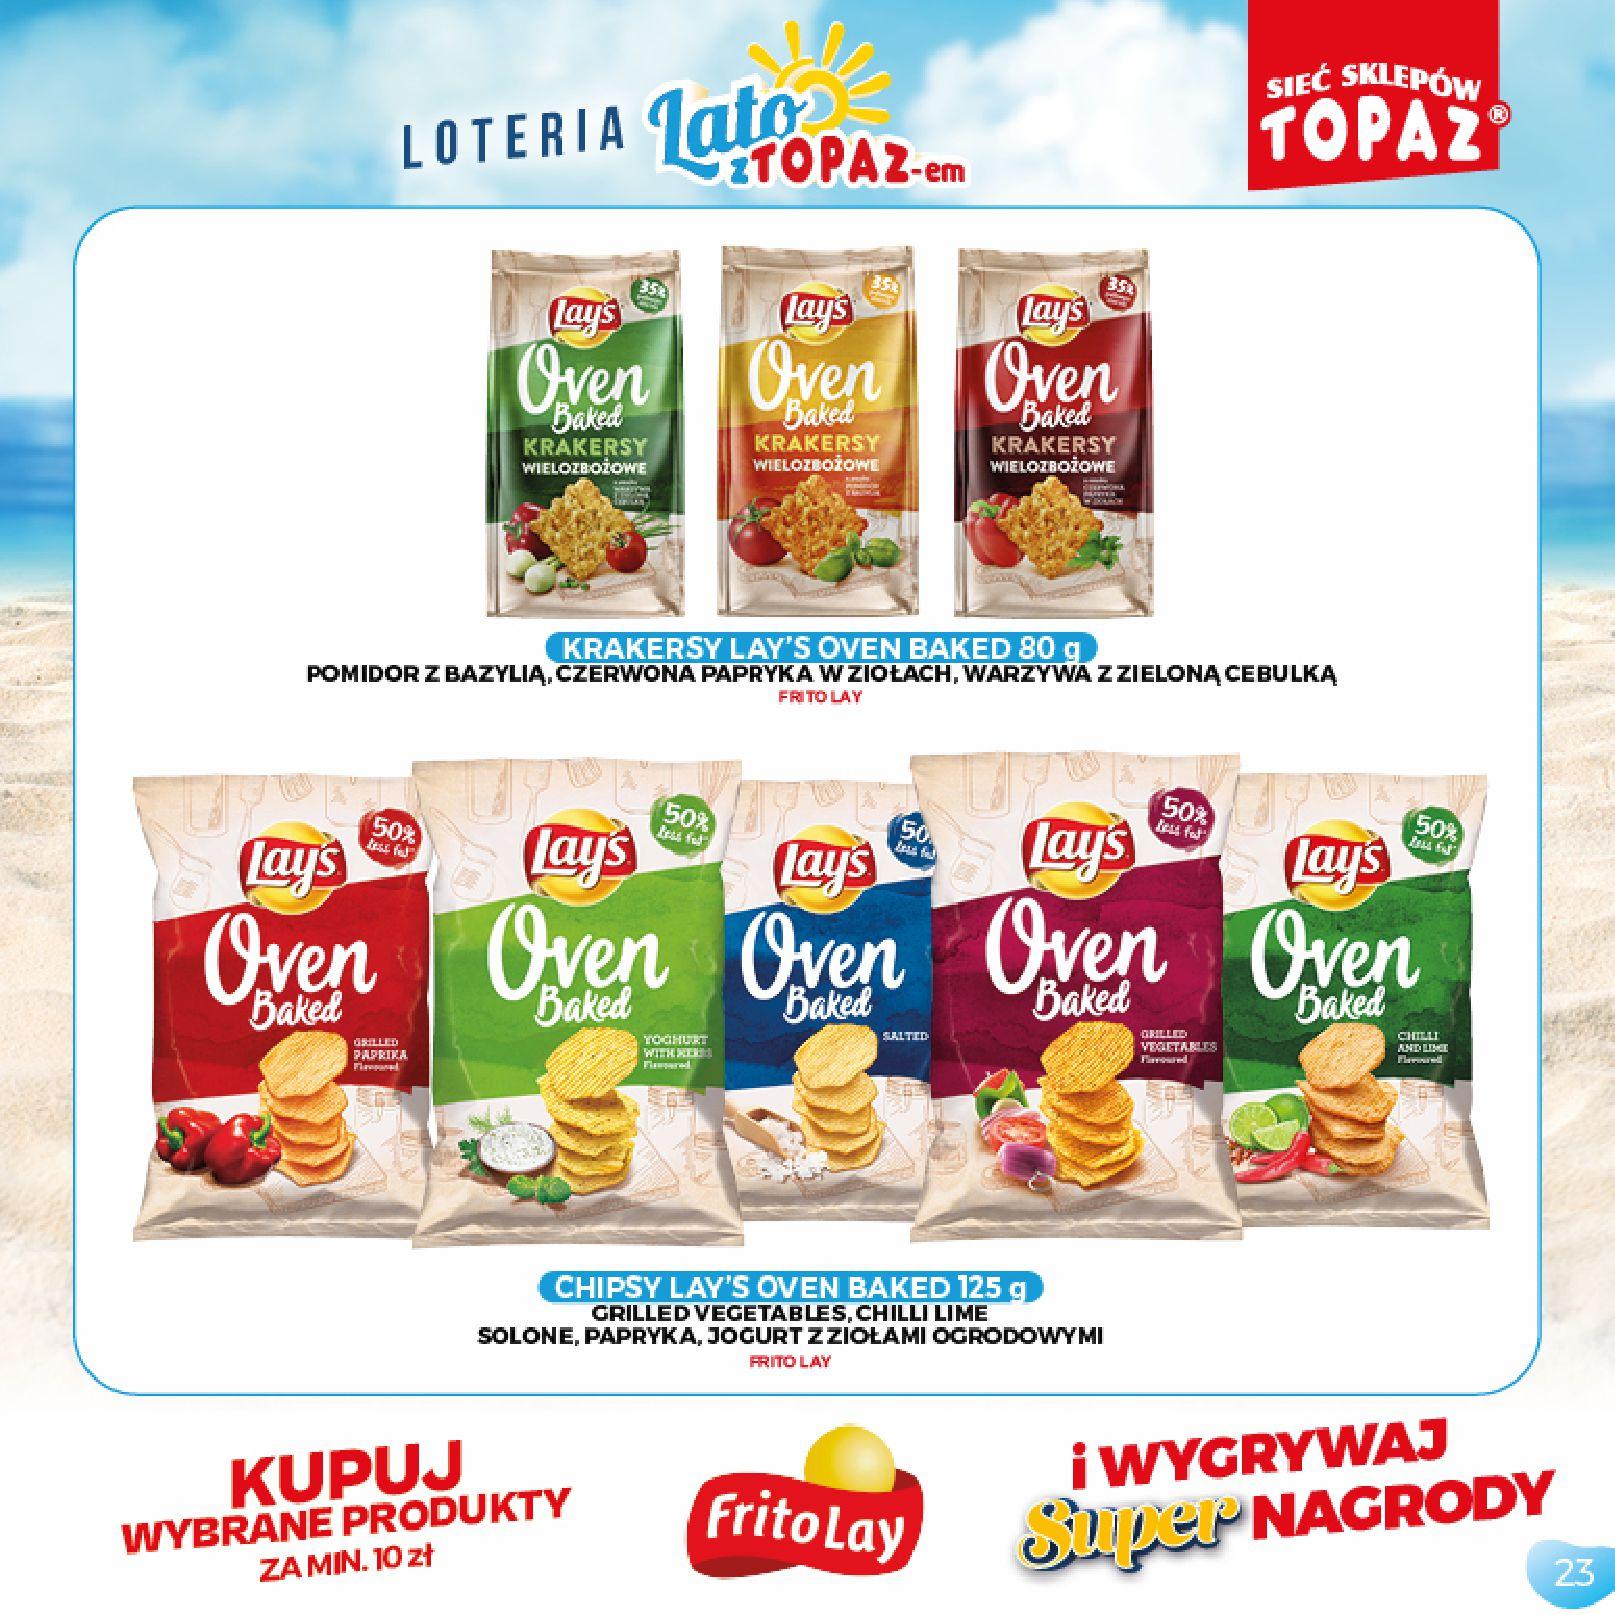 Gazetka TOPAZ: Gazetka TOPAZ - Loteria 2021-07-05 page-23